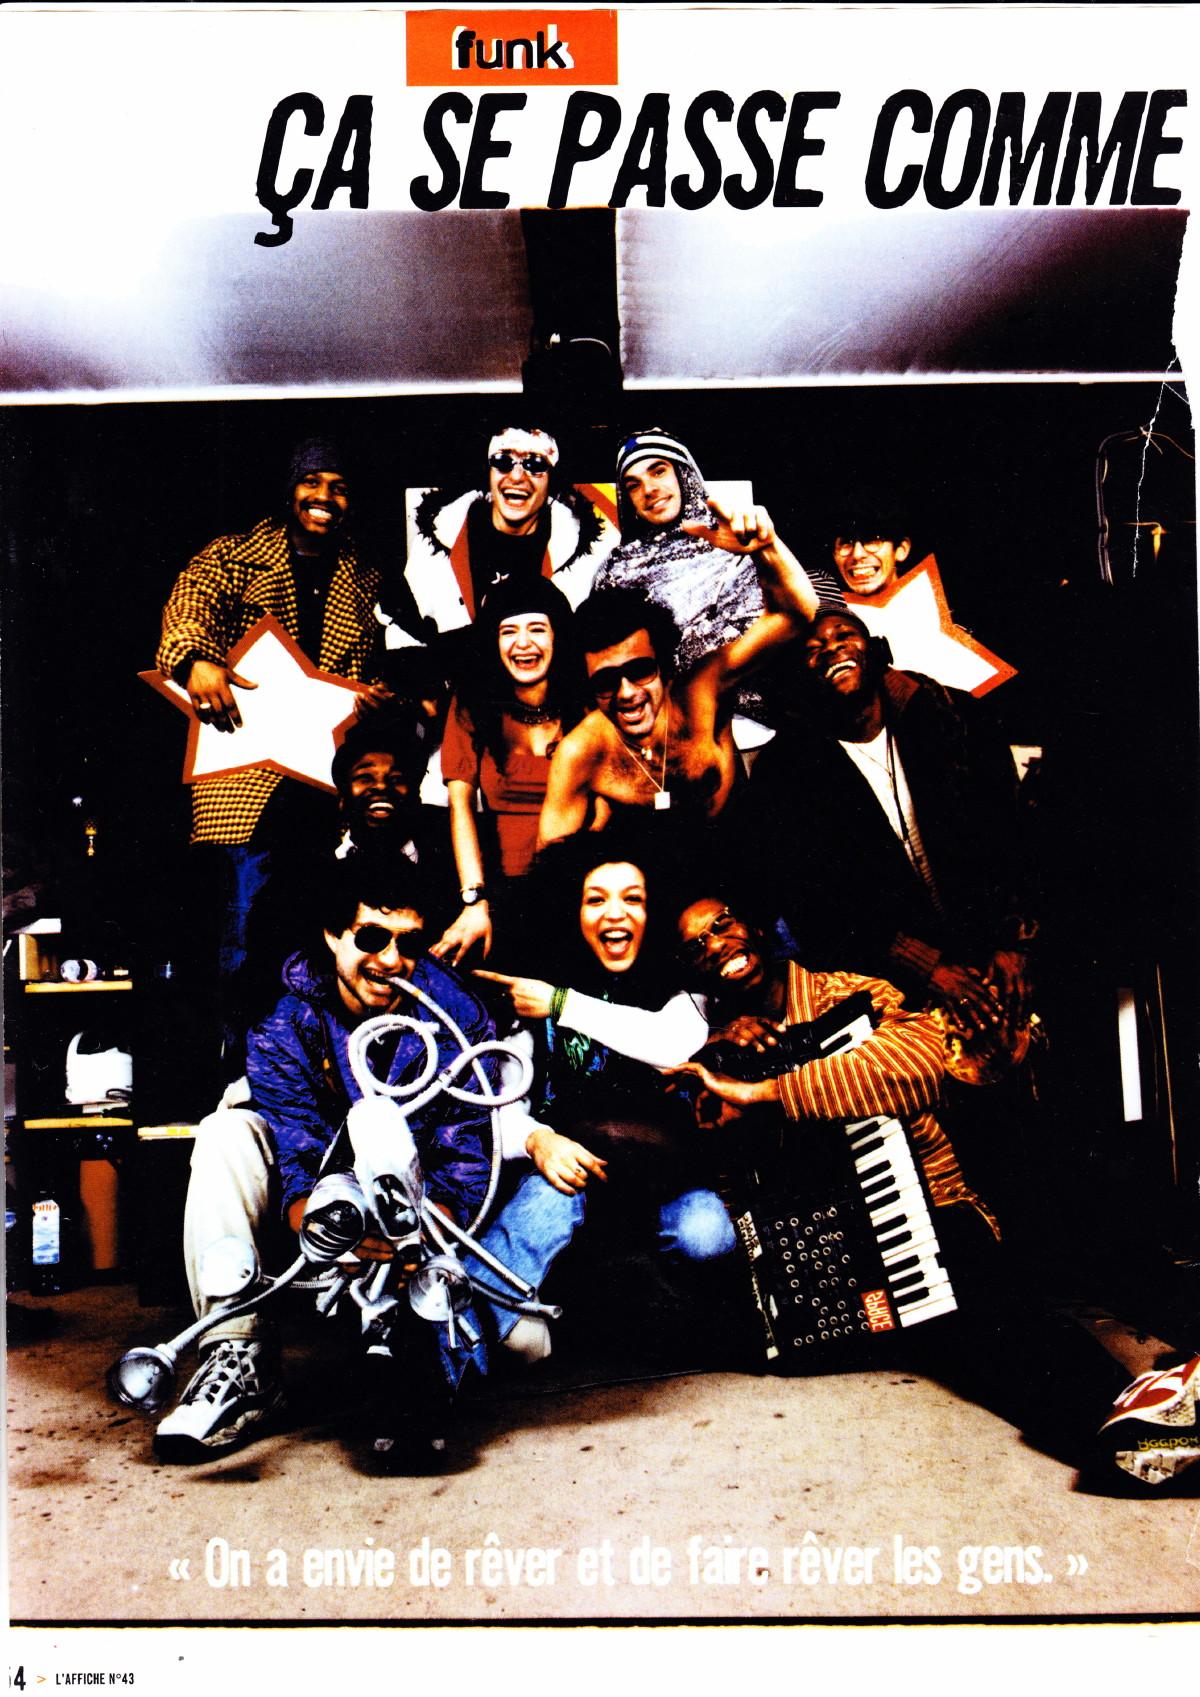 """MALKA FAMILY : """"Ça se passe comme ça chez les Malka"""" (""""L'Affiche"""", interview 1997, album """"Fotoukonkass"""") 15040809131917899513153137"""